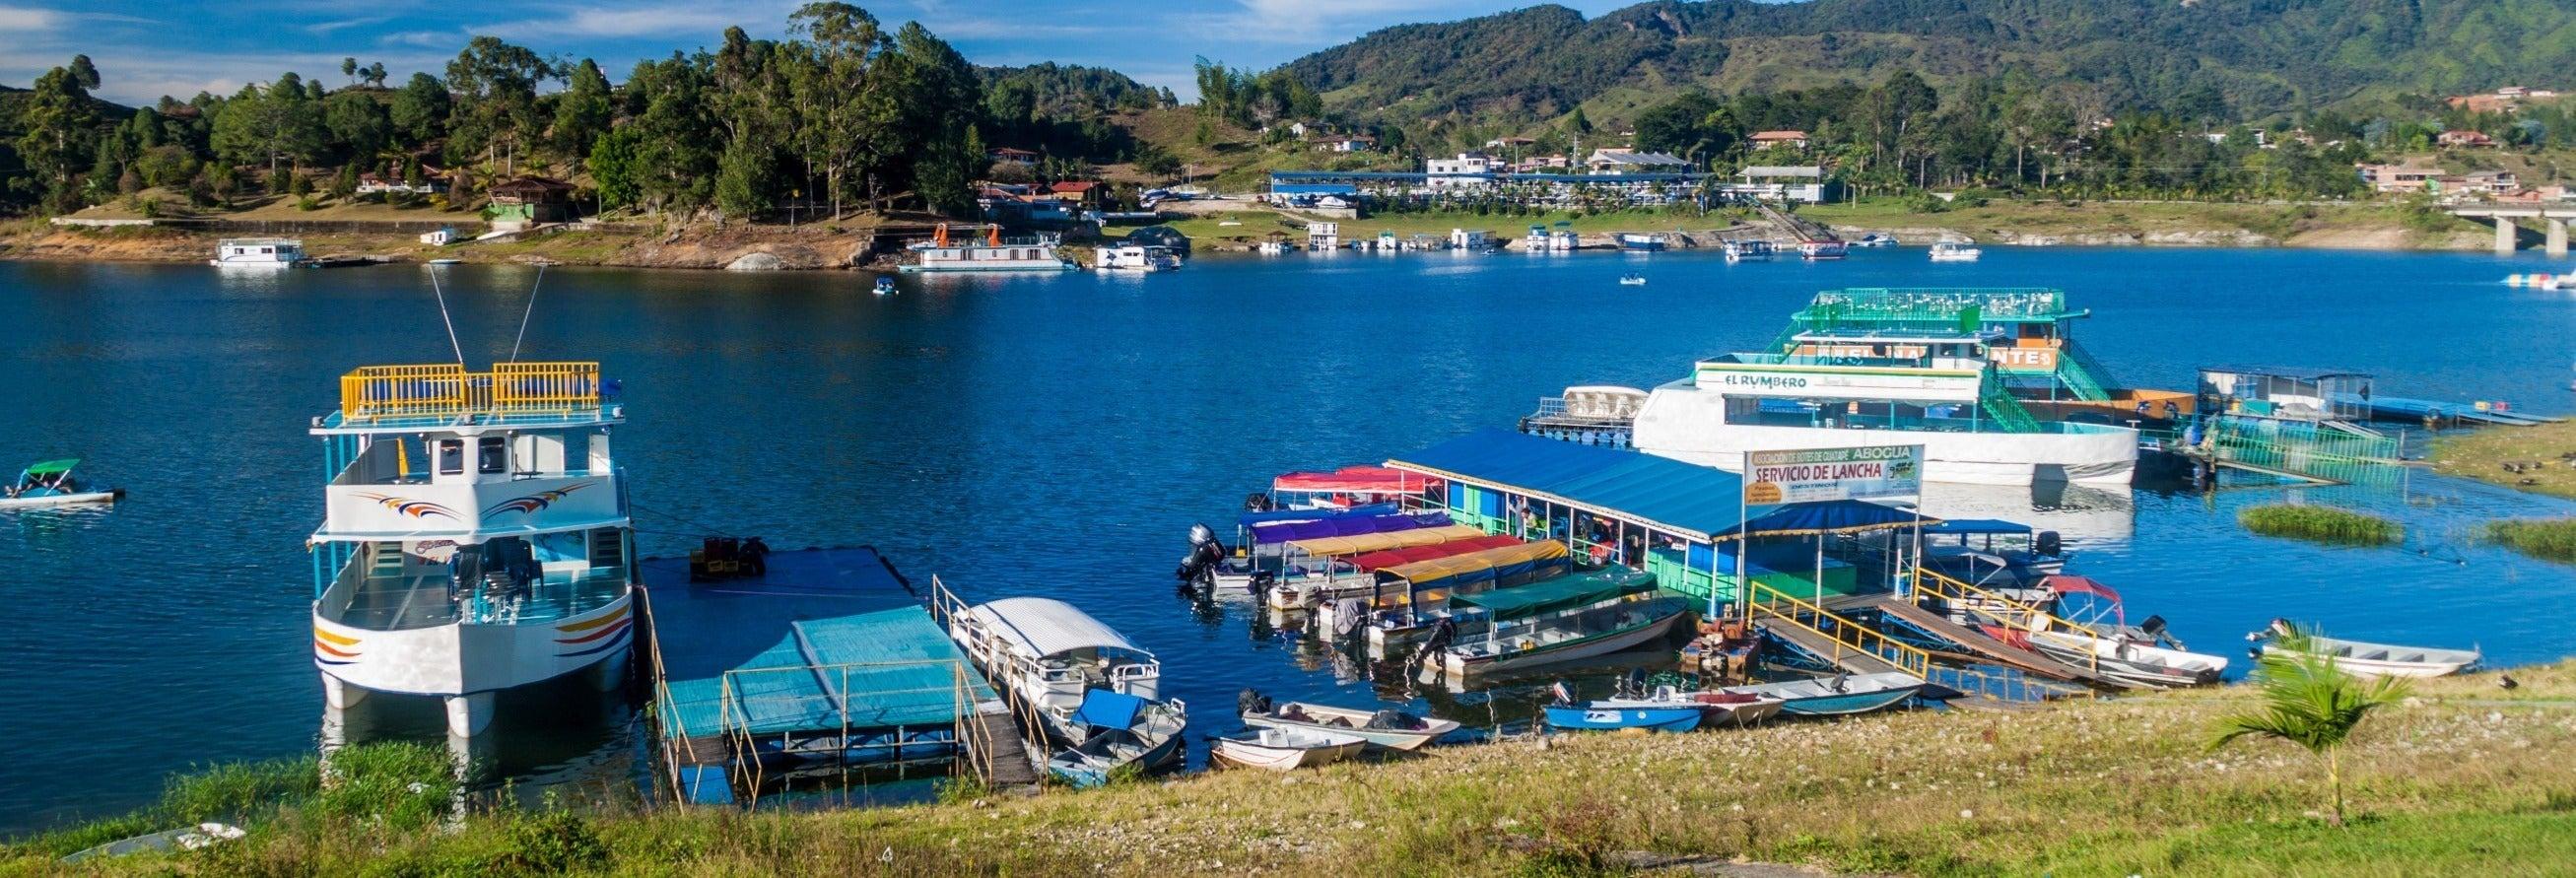 Alquiler de barco sin licencia en el embalse de Guatapé